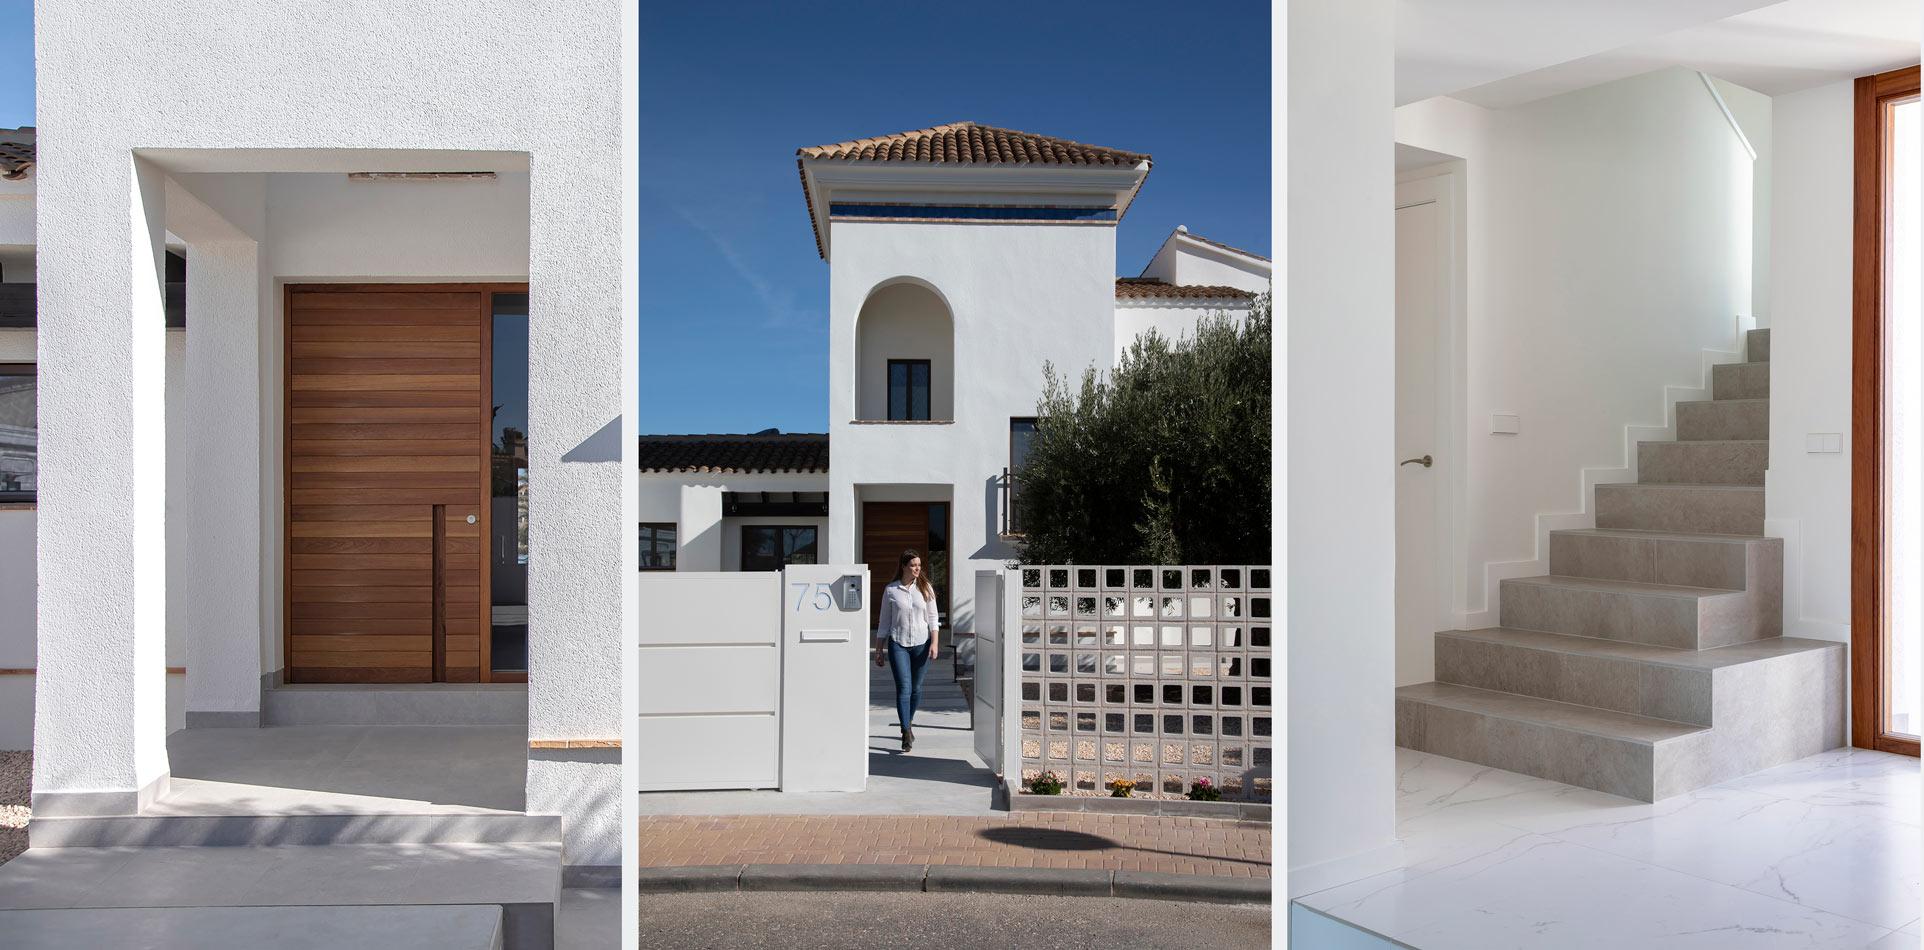 tres vistas del reportaje fotografo arquitectura en murcia